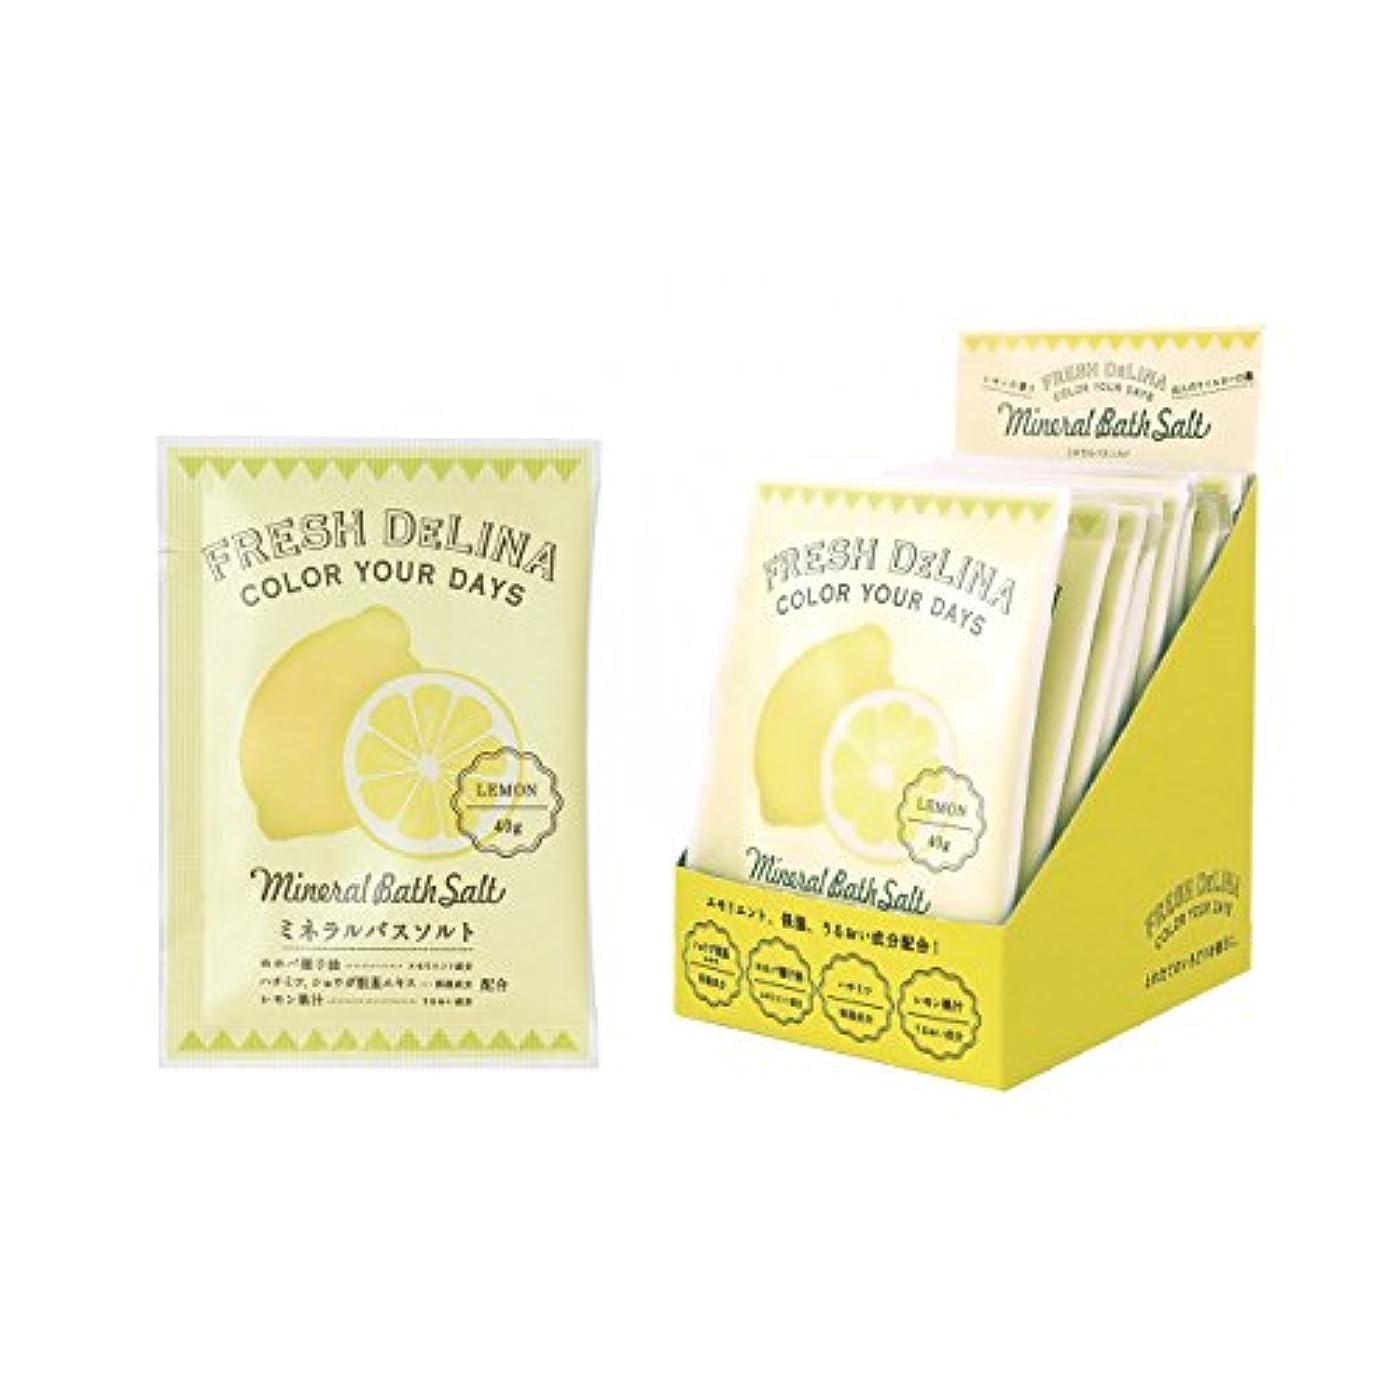 ルビーデンマーク認知フレッシュデリーナ ミネラルバスソルト40g(レモン) 12個 (海塩タイプ入浴料 日本製 どこかなつかしいフレッシュなレモンの香り)